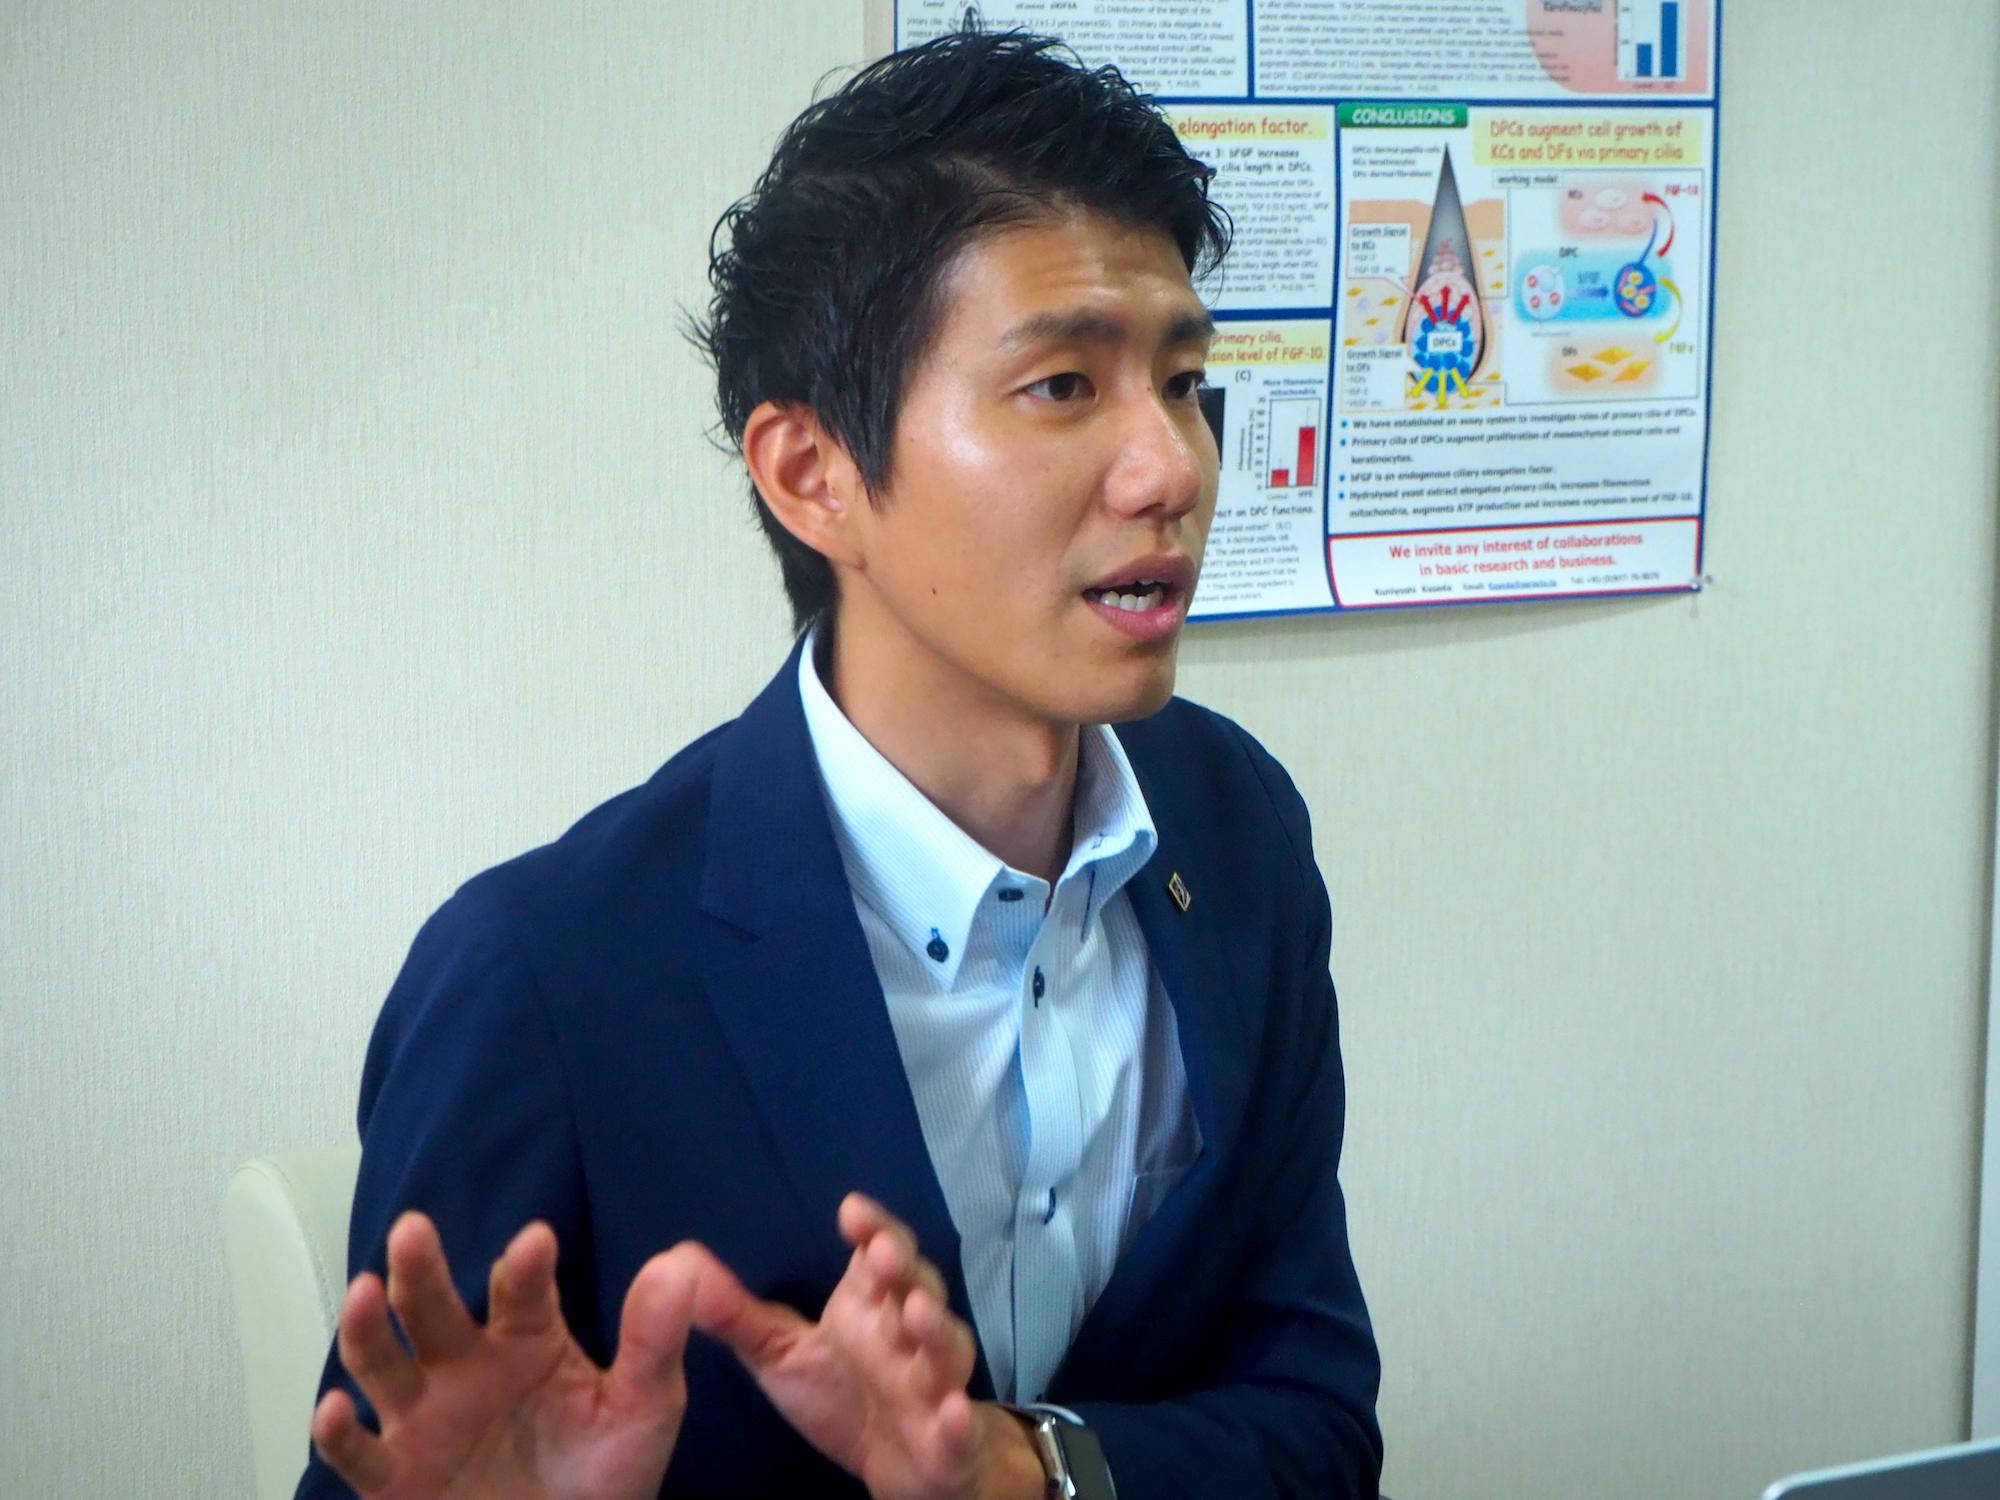 株式会社サラヴィオ化粧品の代表取締役社長の濱田拓也さんの写真